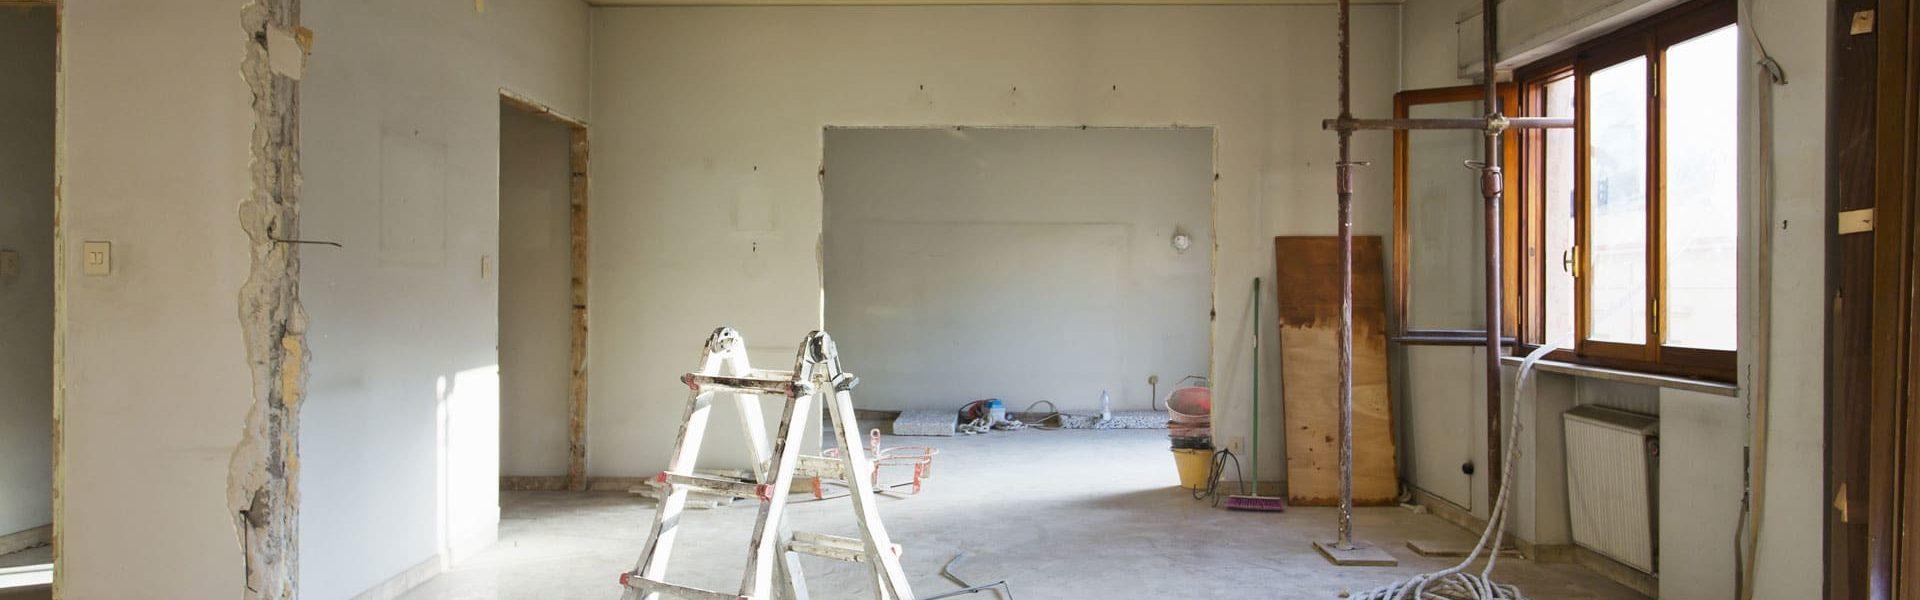 renovation isolation pse polystyrene